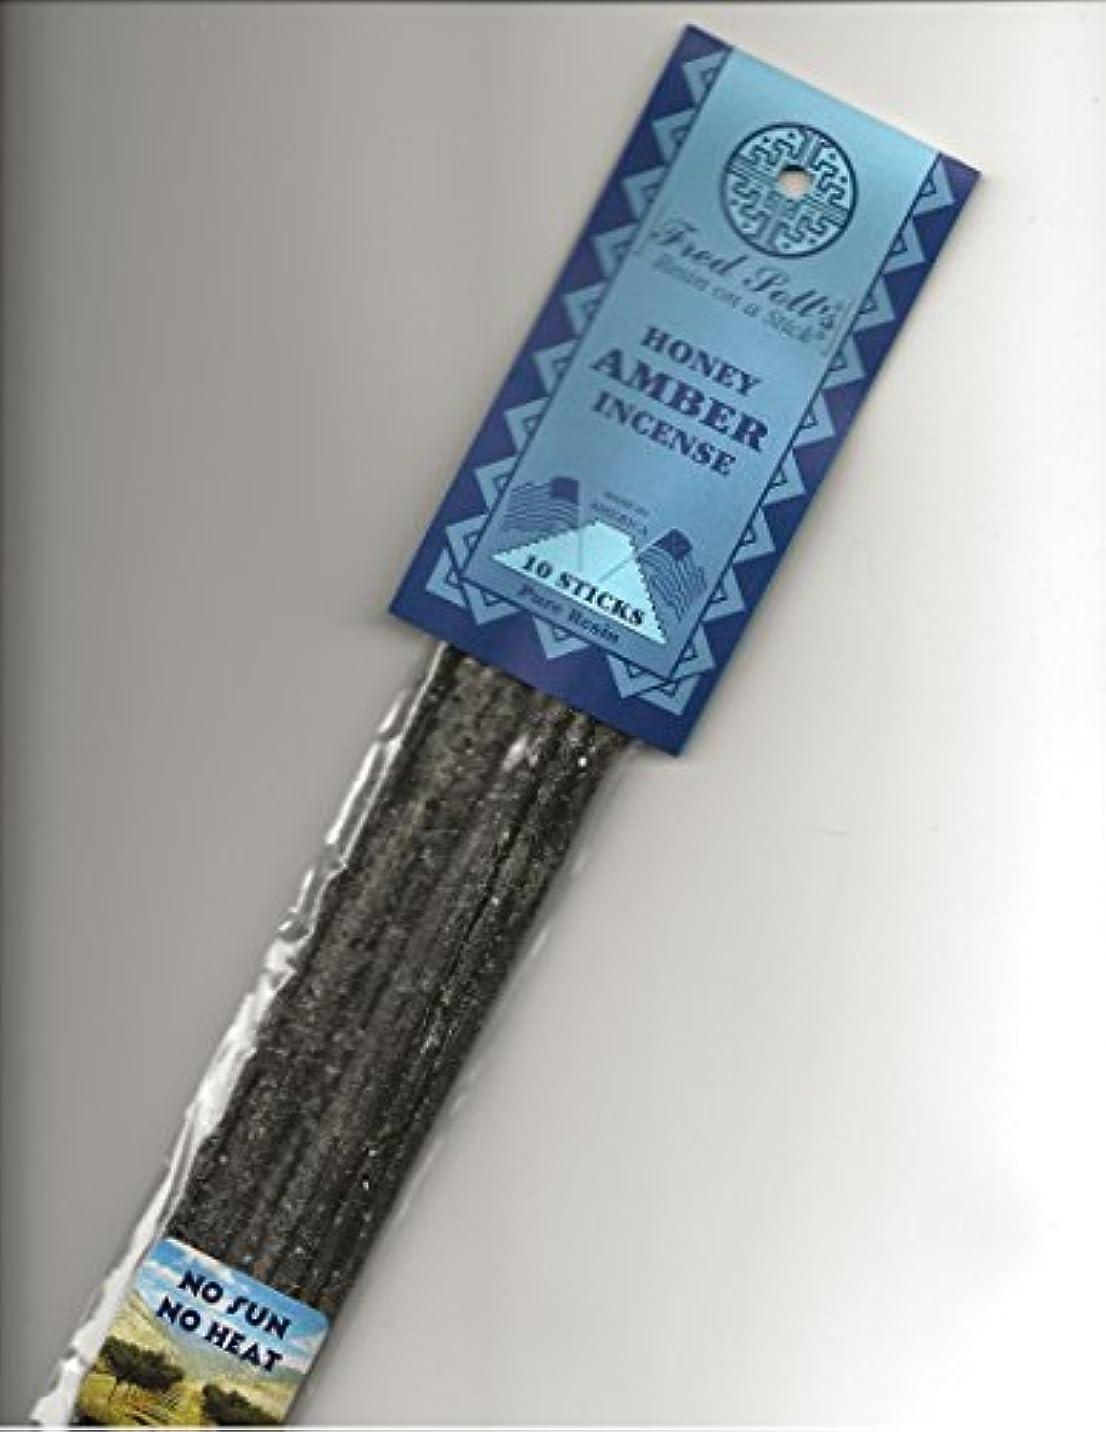 詳細な短命オールFRED SOLL'S 樹脂製スティック式ハニーアンバーのお香